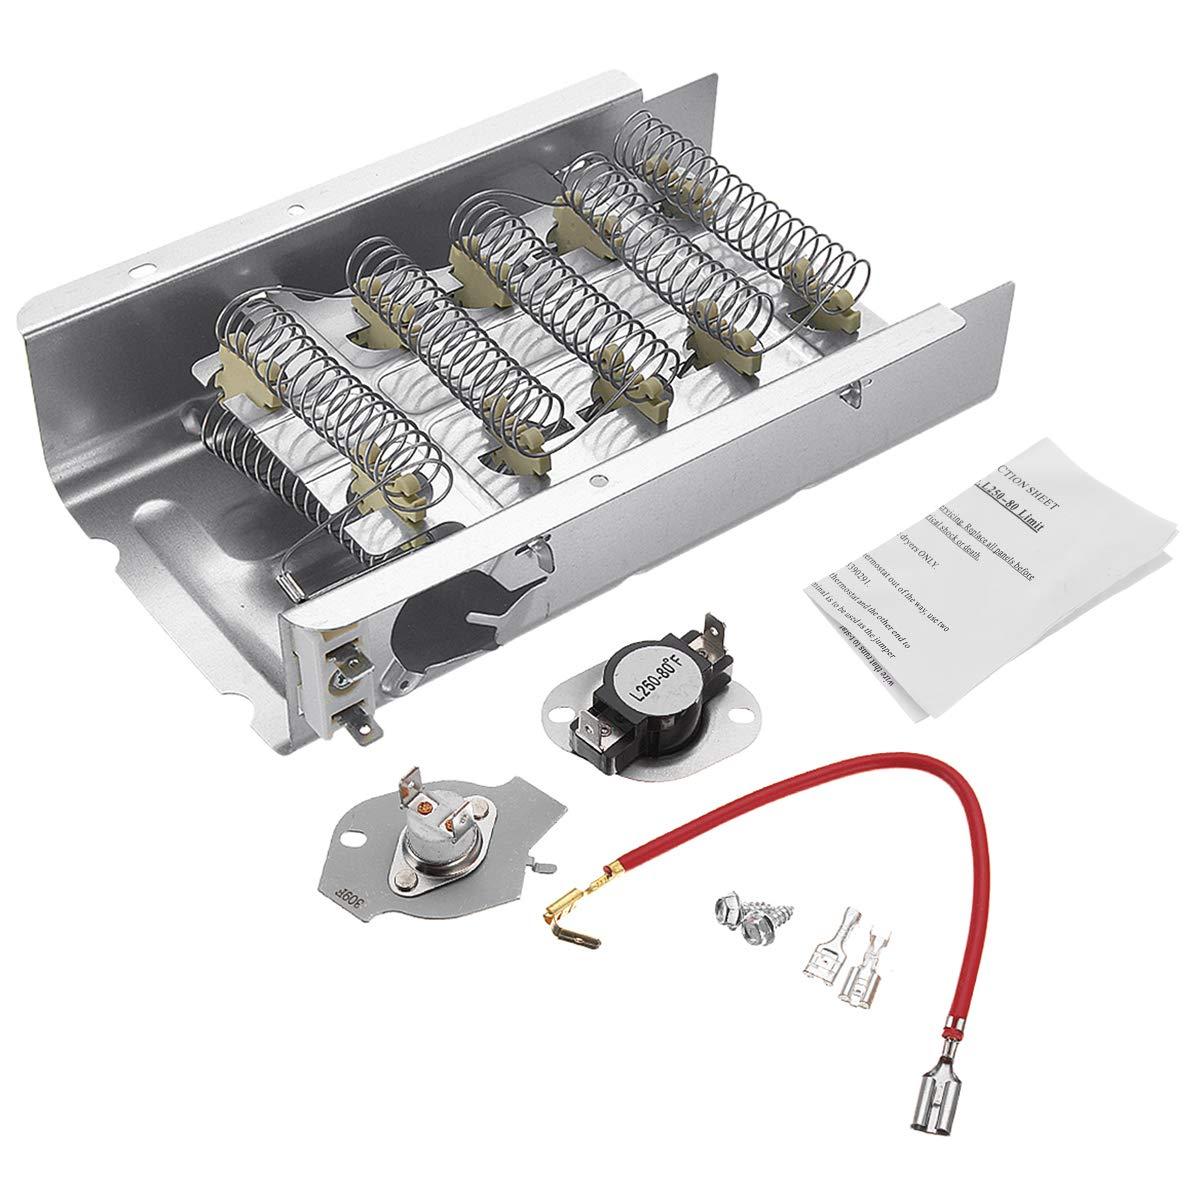 Acquisto Wuchance Kit riscaldatore e termostato dell'essiccatore 279838 per Whirlpool Kenmore Mayta Roper Prezzi offerte